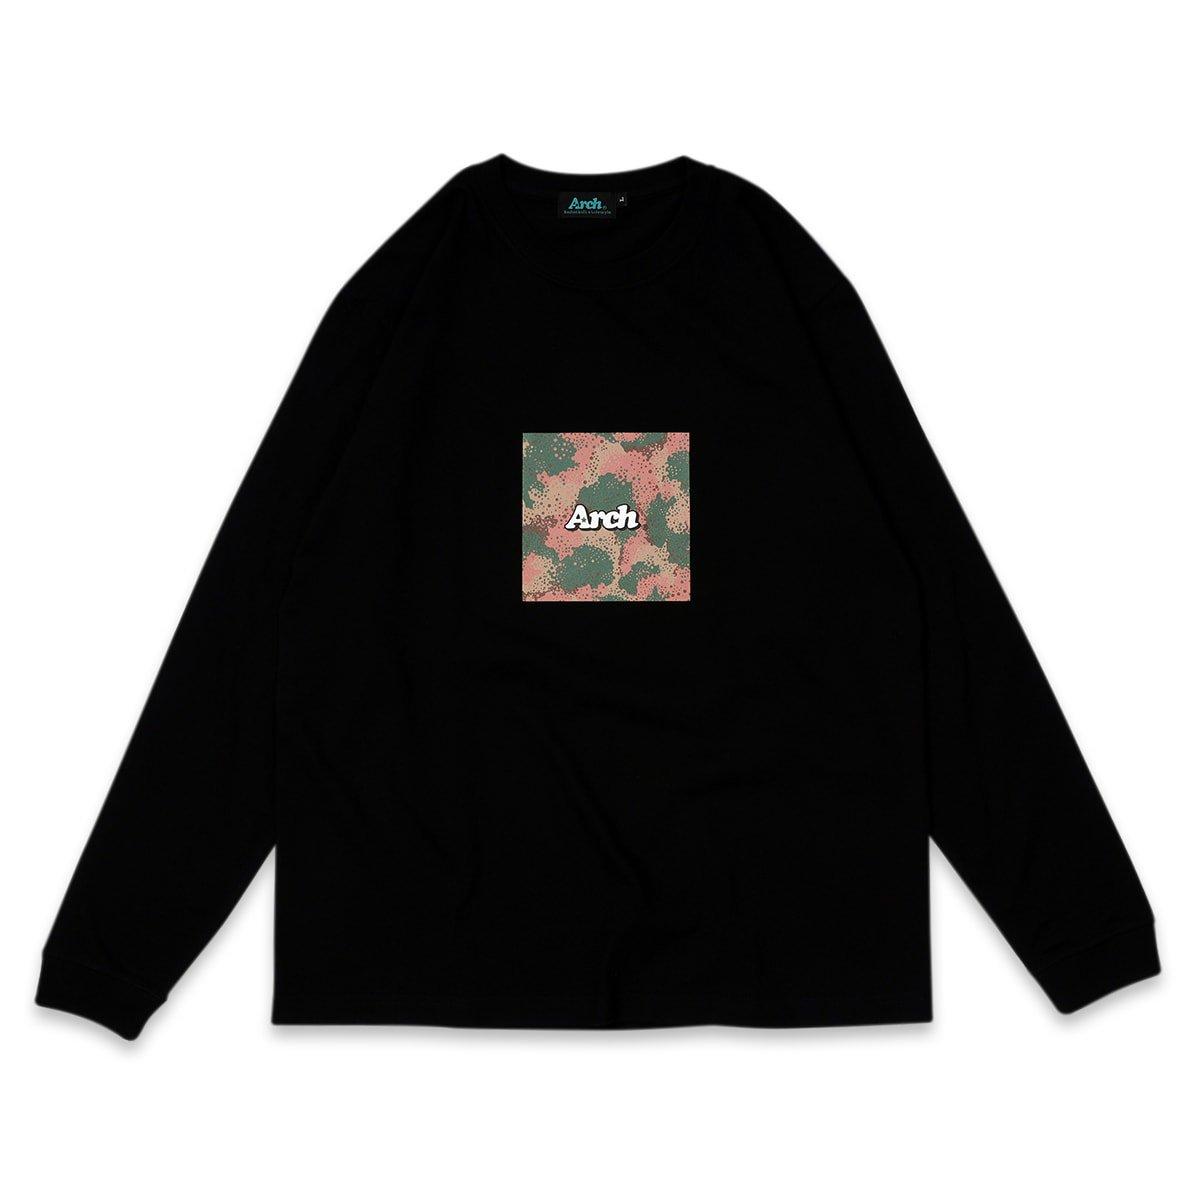 スプレーカモボックスロゴ ロングスリーブT ブラック